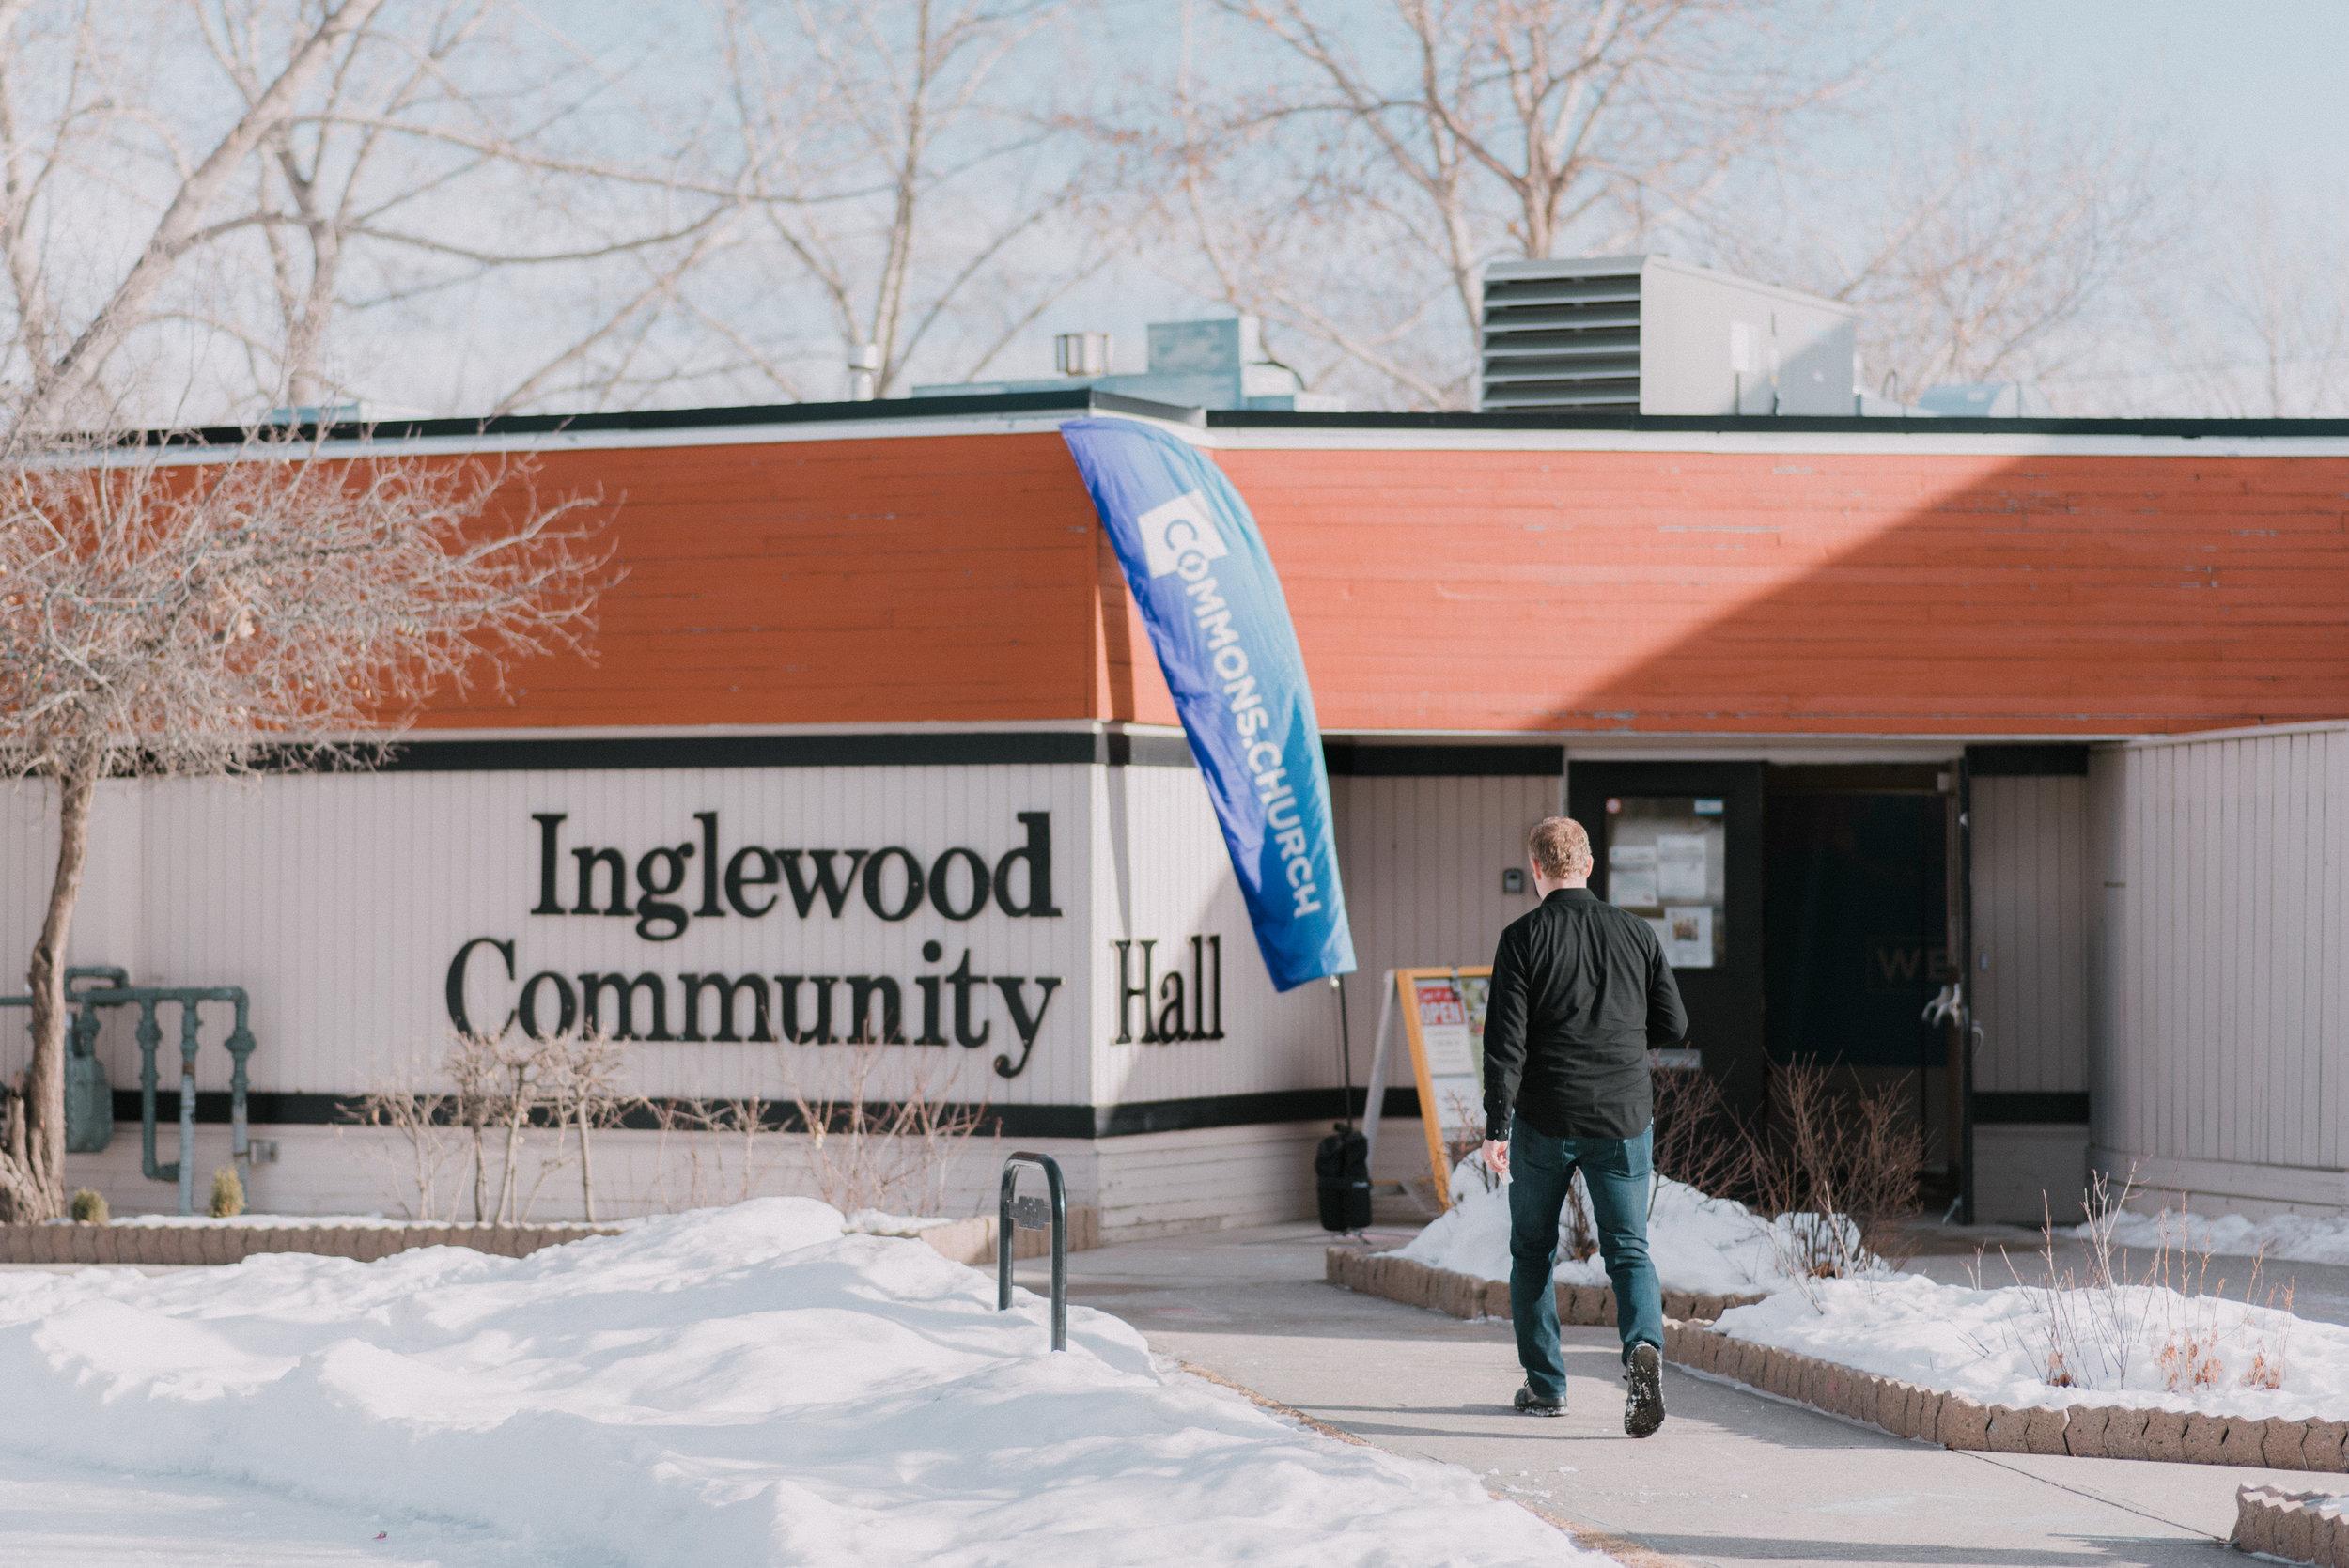 180107-121827-InglewoodLaunch-a1-5028.jpg